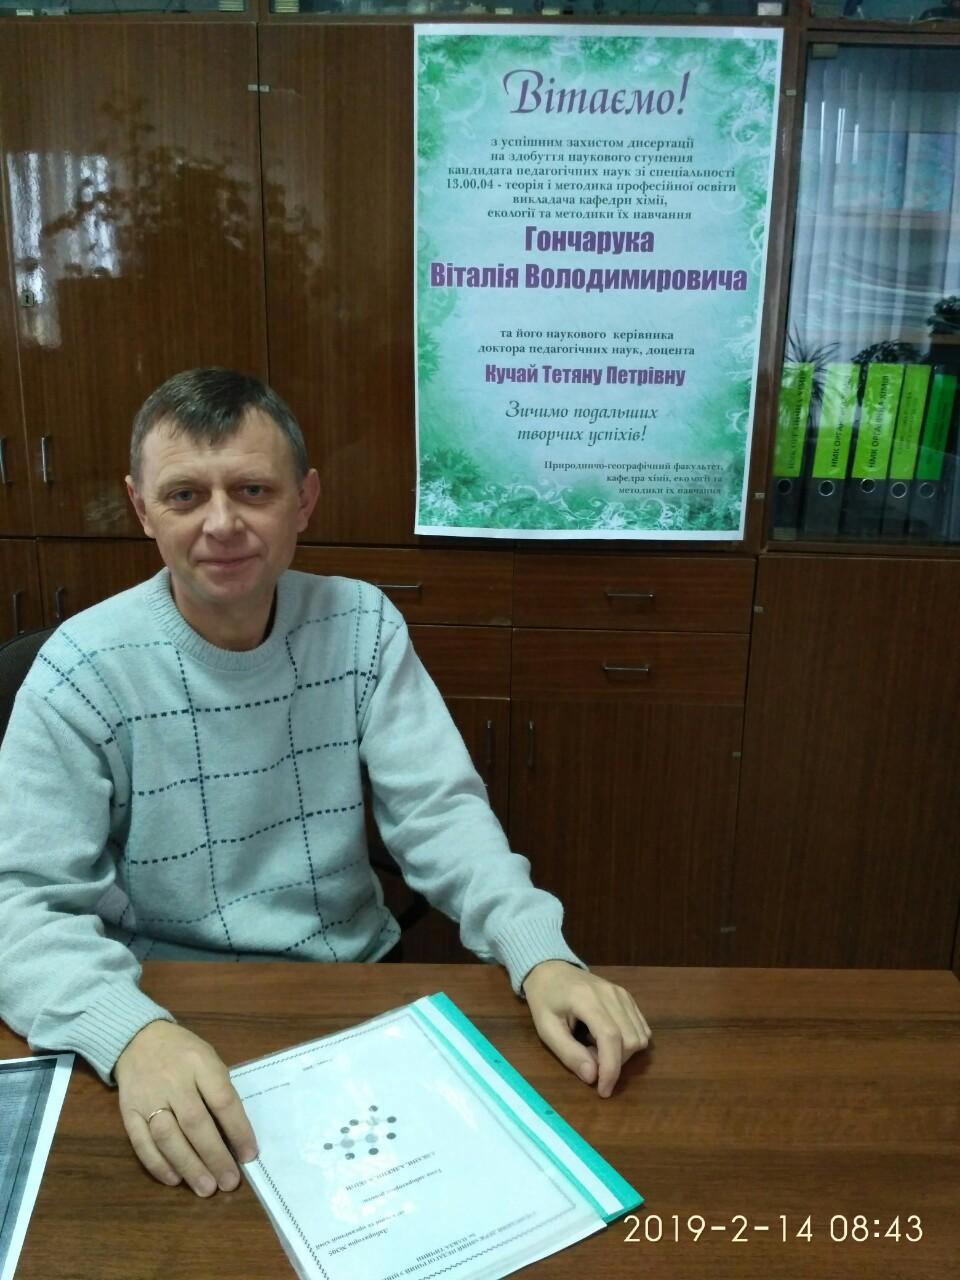 Гончарук Віталій Володимирович